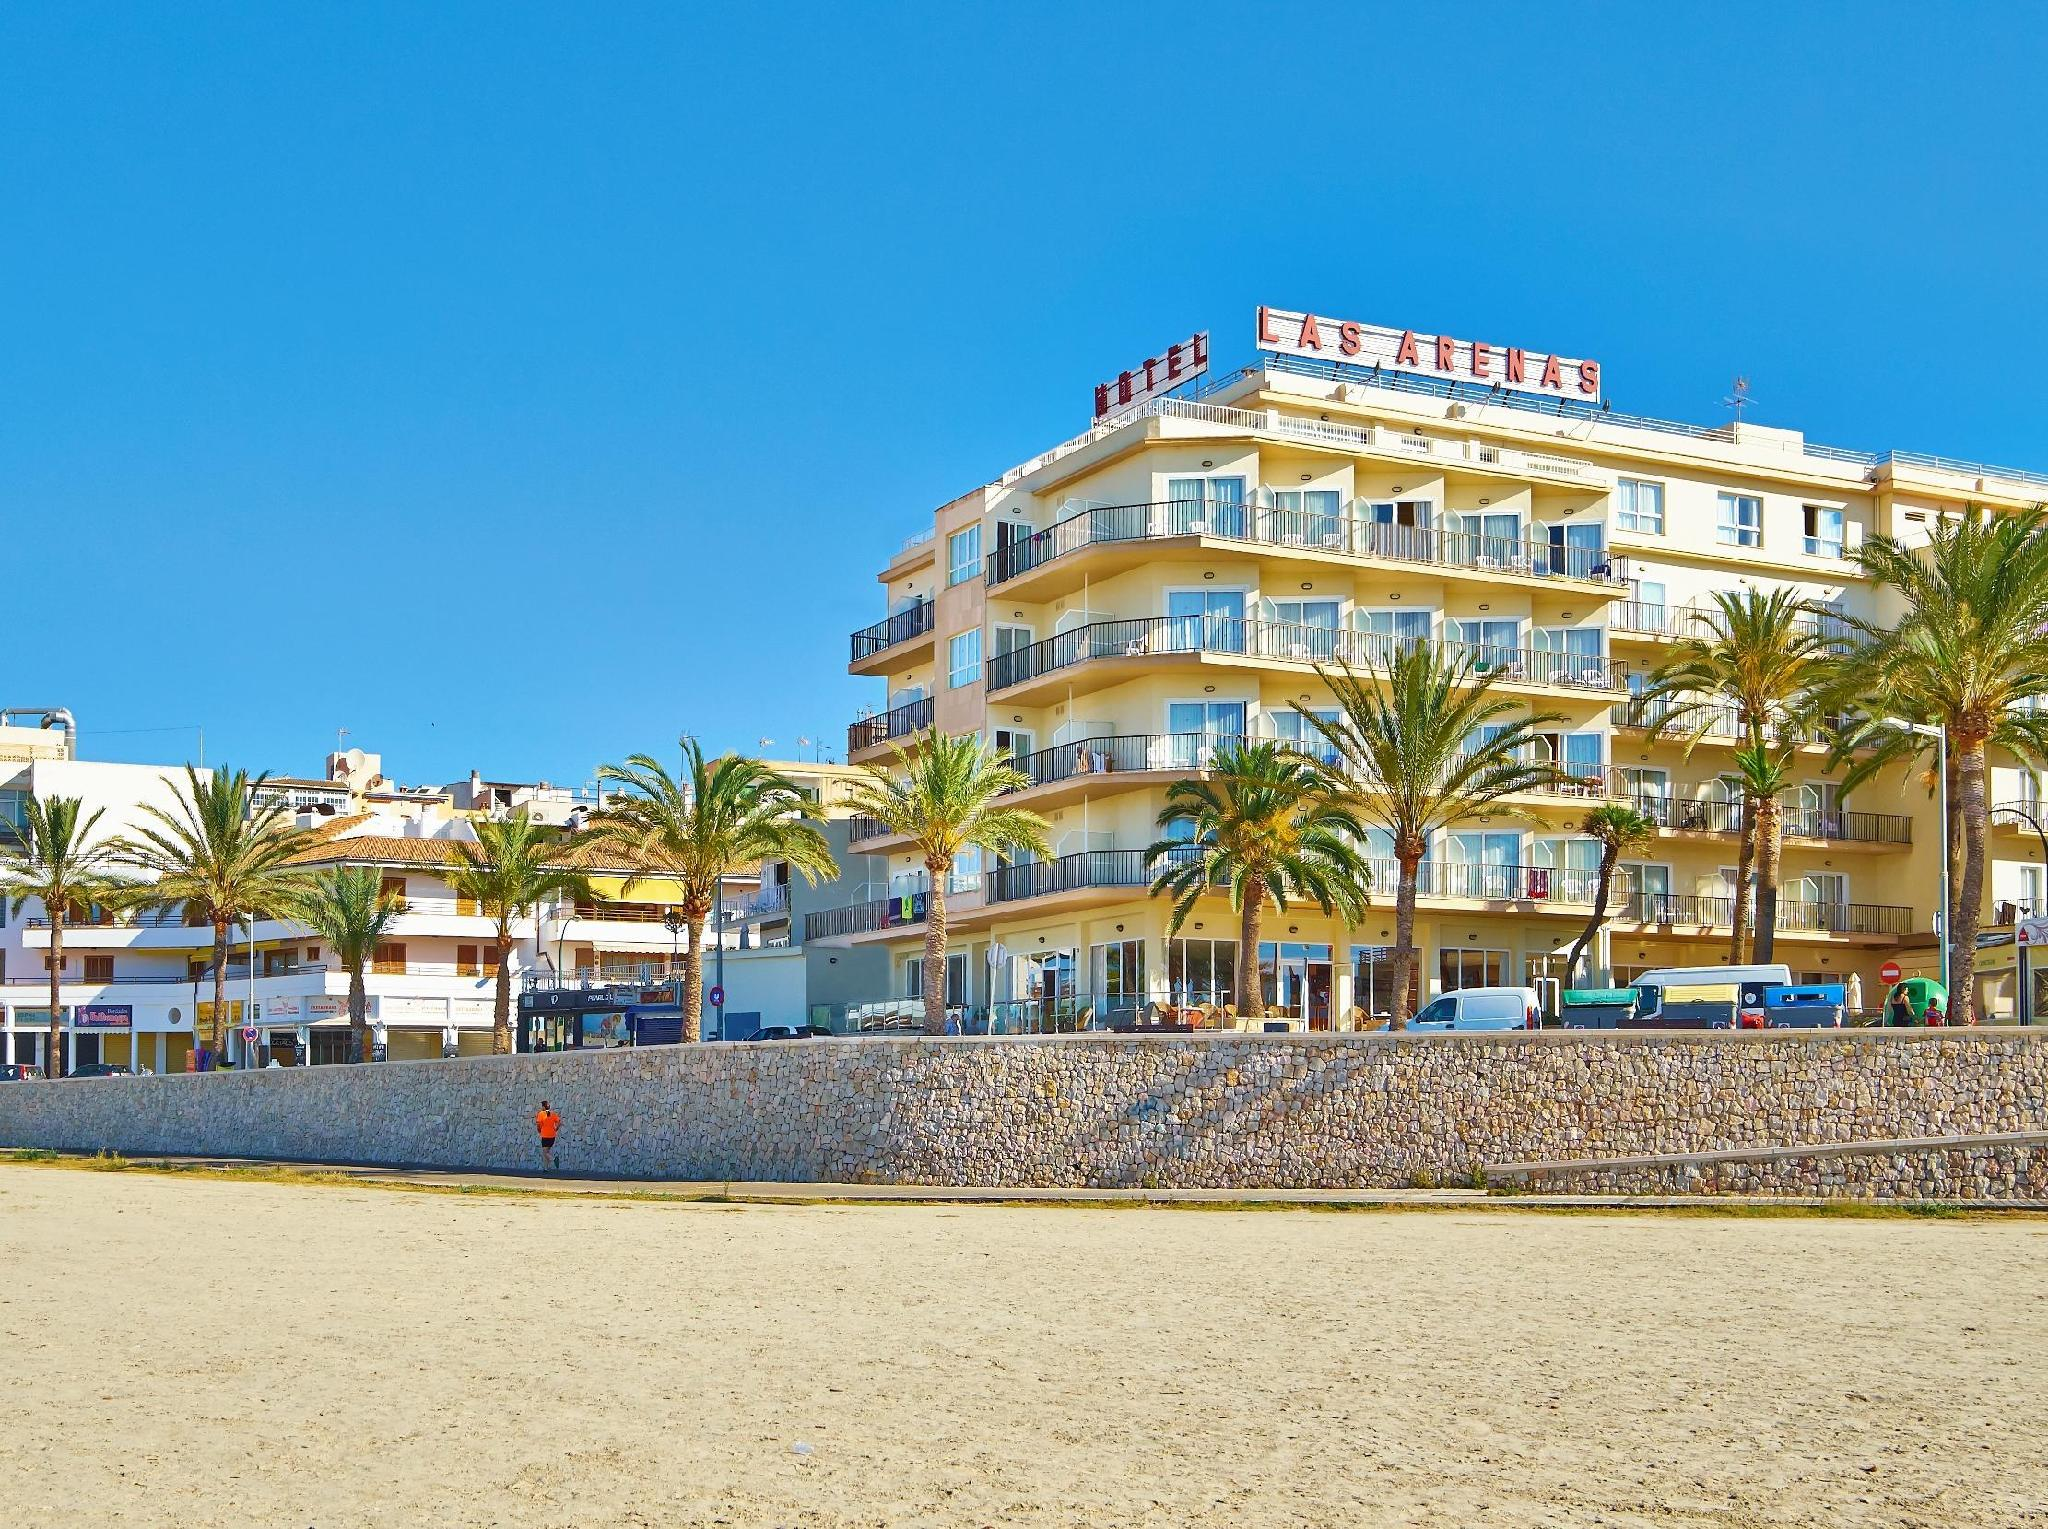 Hotel Las Arenas - Majorca